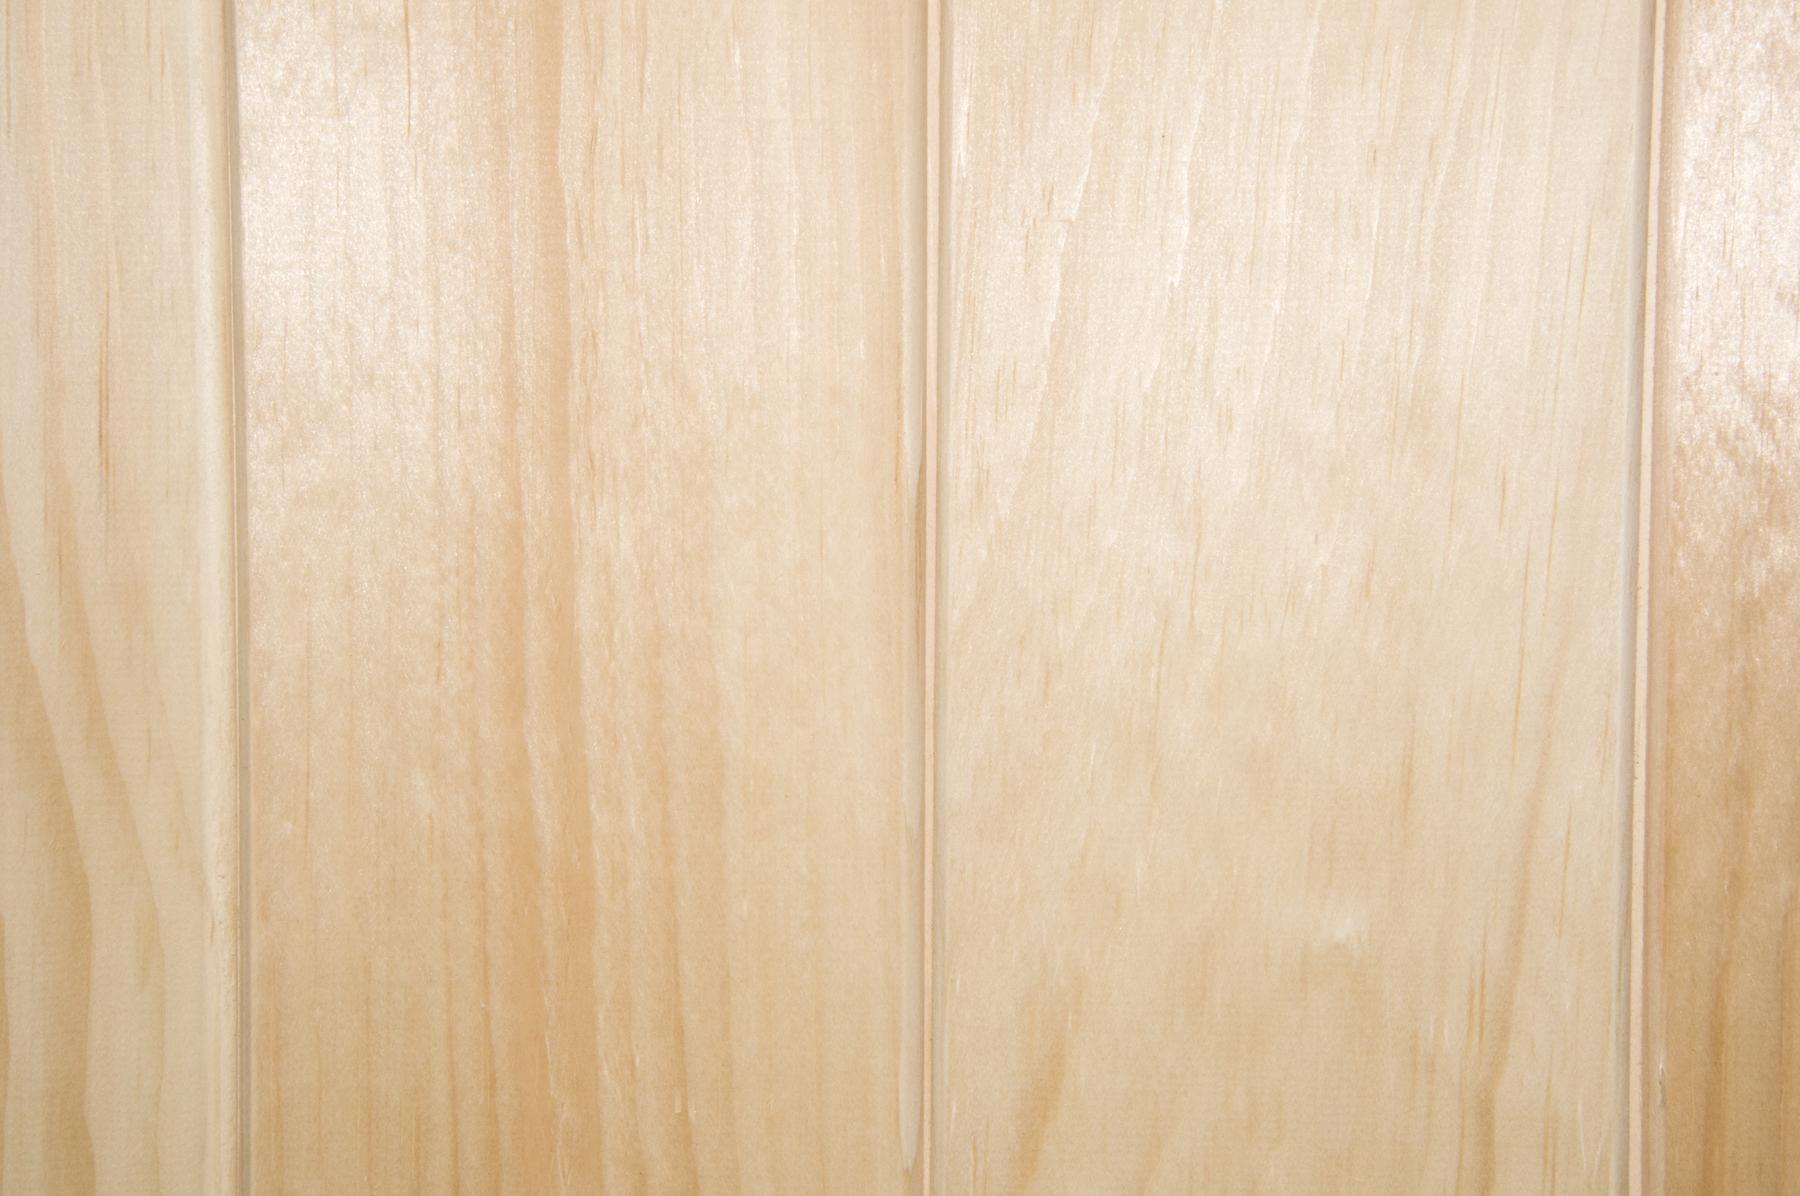 lambris prepeint blanc devis maison en ligne dijon soci t ahexp. Black Bedroom Furniture Sets. Home Design Ideas